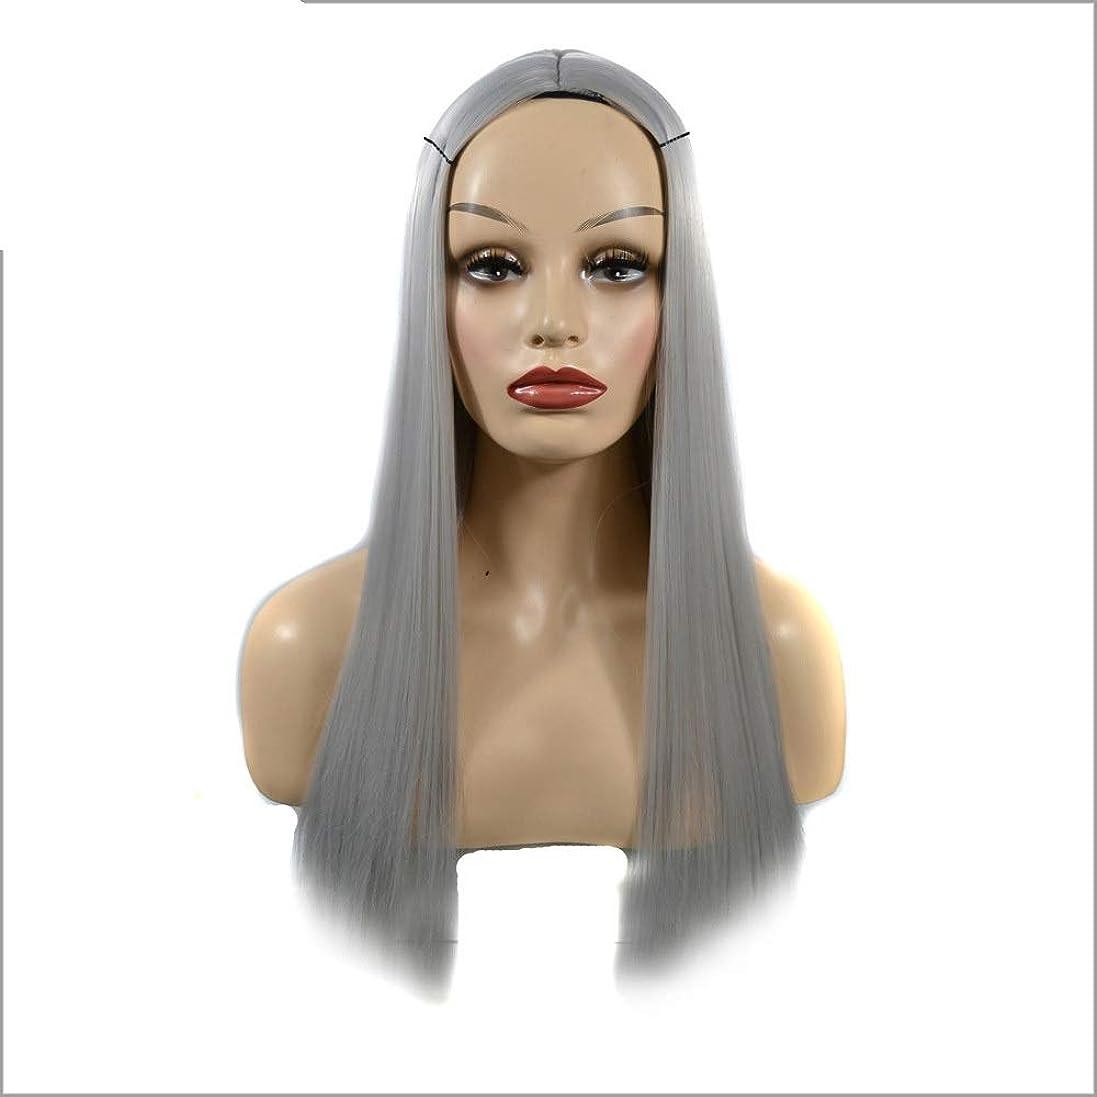 特権発行支援YESONEEP オンブルシルバーグレーウィッグロングストレート合成かつら女性用耐熱フルウィッグパーティーウィッグ (色 : Silver Grey, サイズ : 60cm)